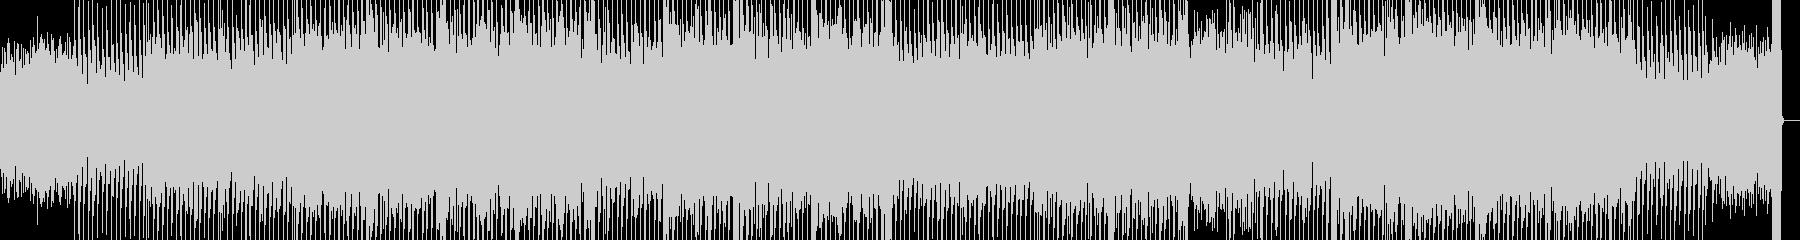 カッコいいテクノBGM曲の未再生の波形